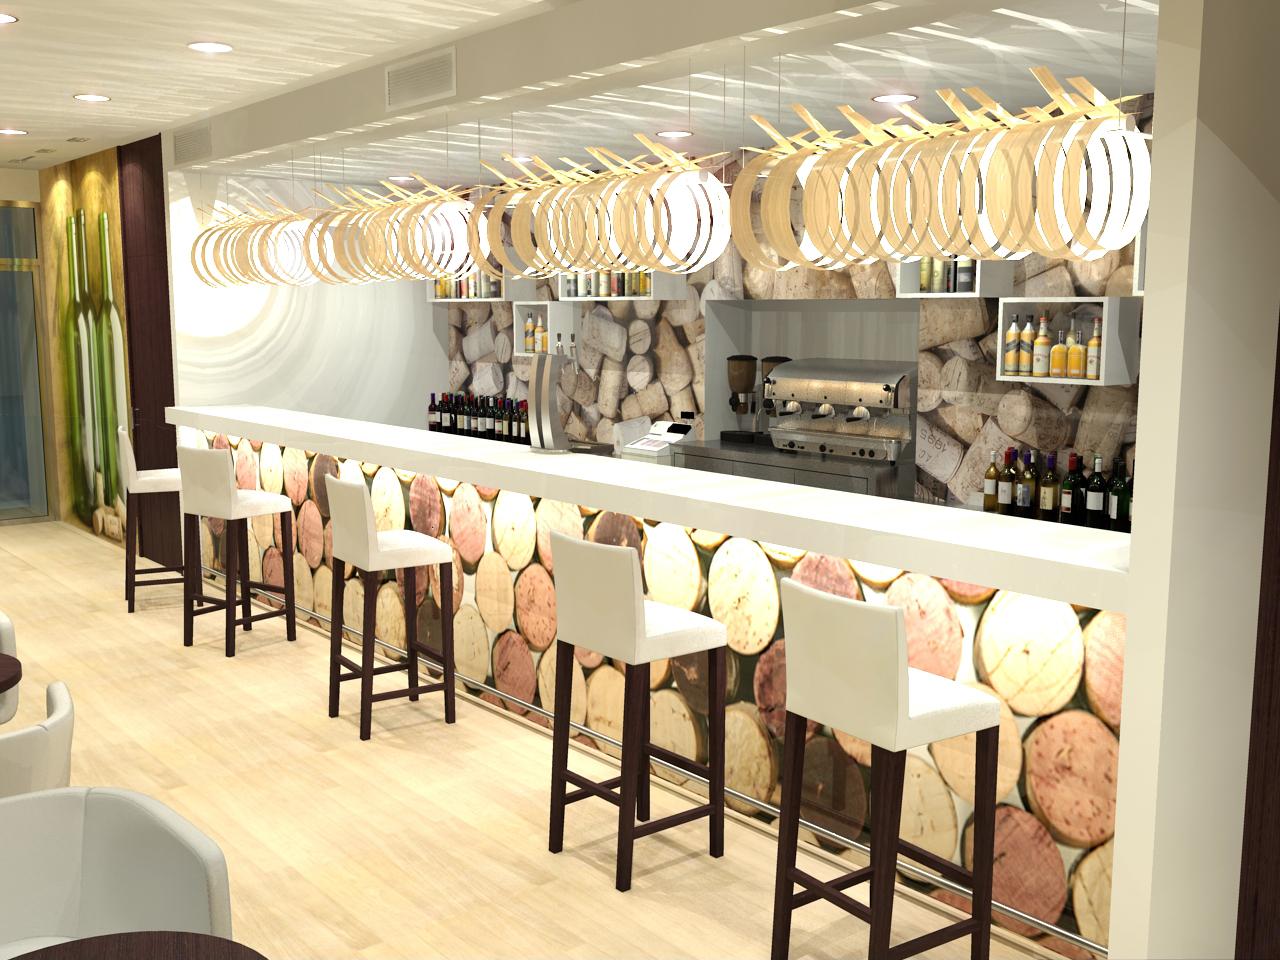 decoracion de interiores bares rusticos:Ayuda para decorar un bar